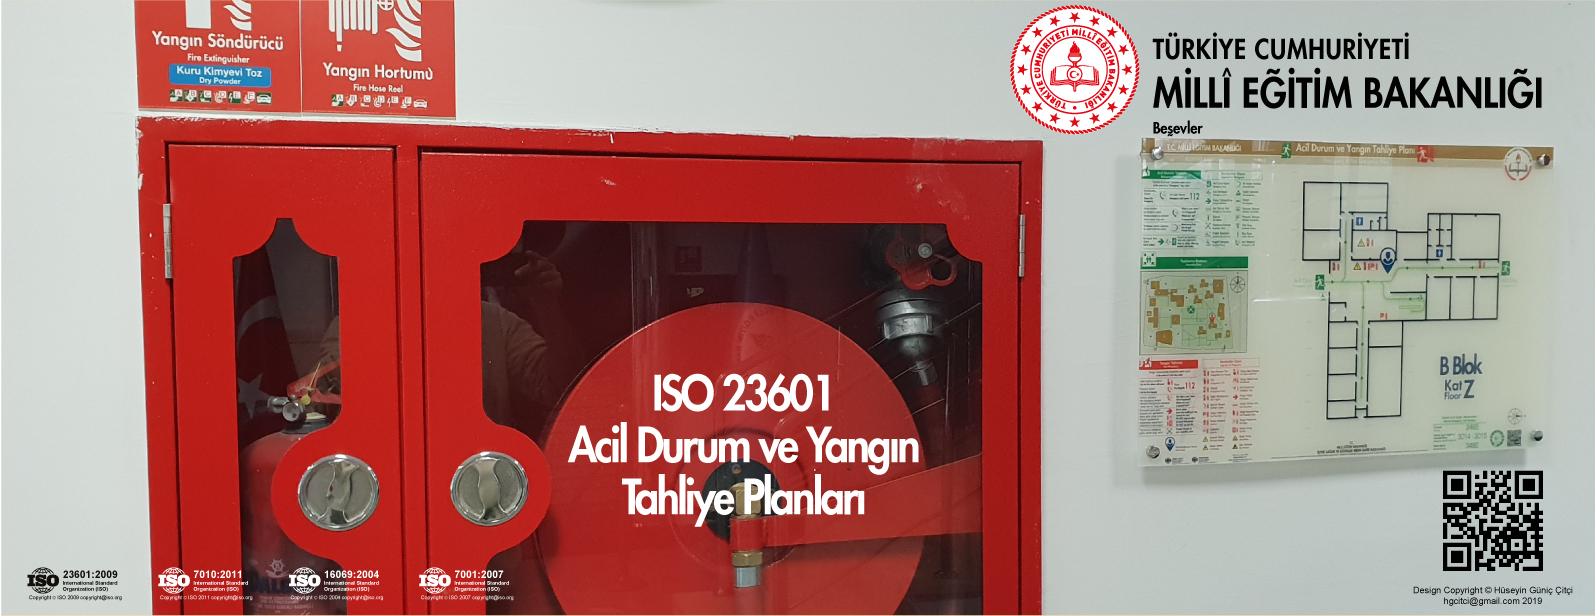 meb 004 besevler ISO 23601 Acil Durum ve Yangın Tahliye Kat Planları